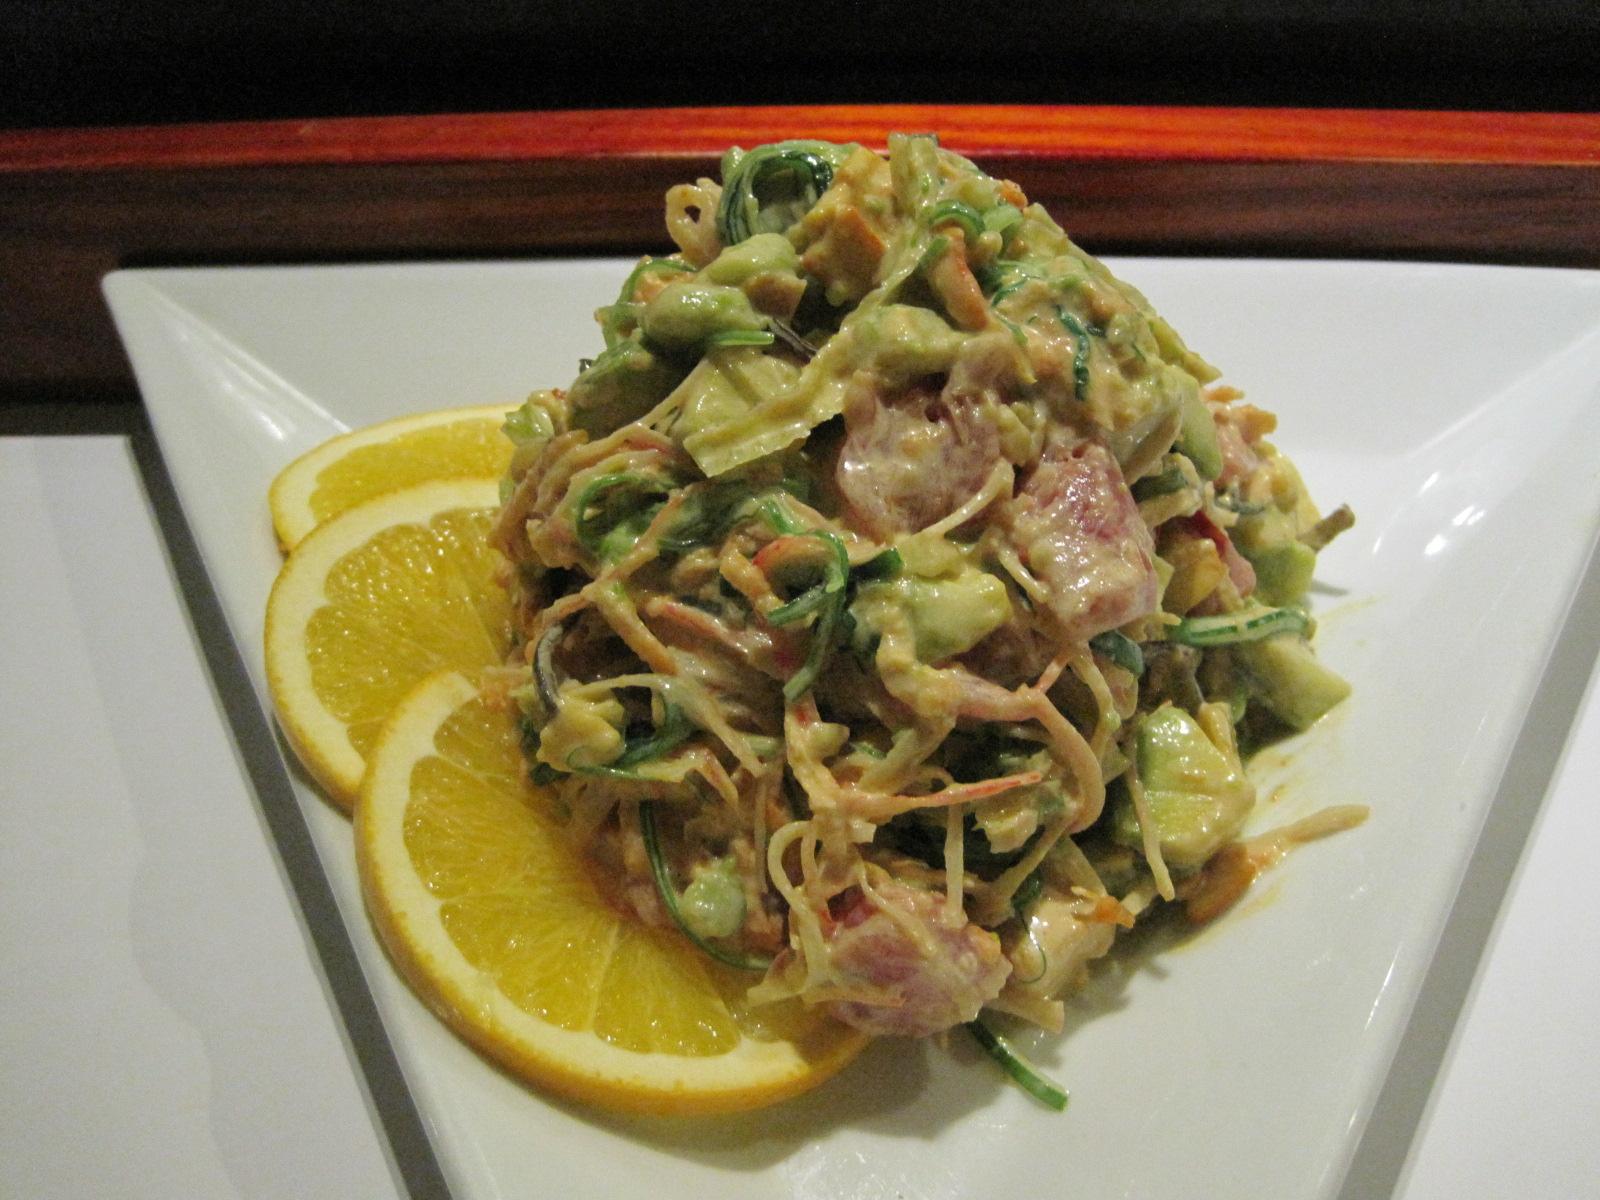 Fukushima Salad Image